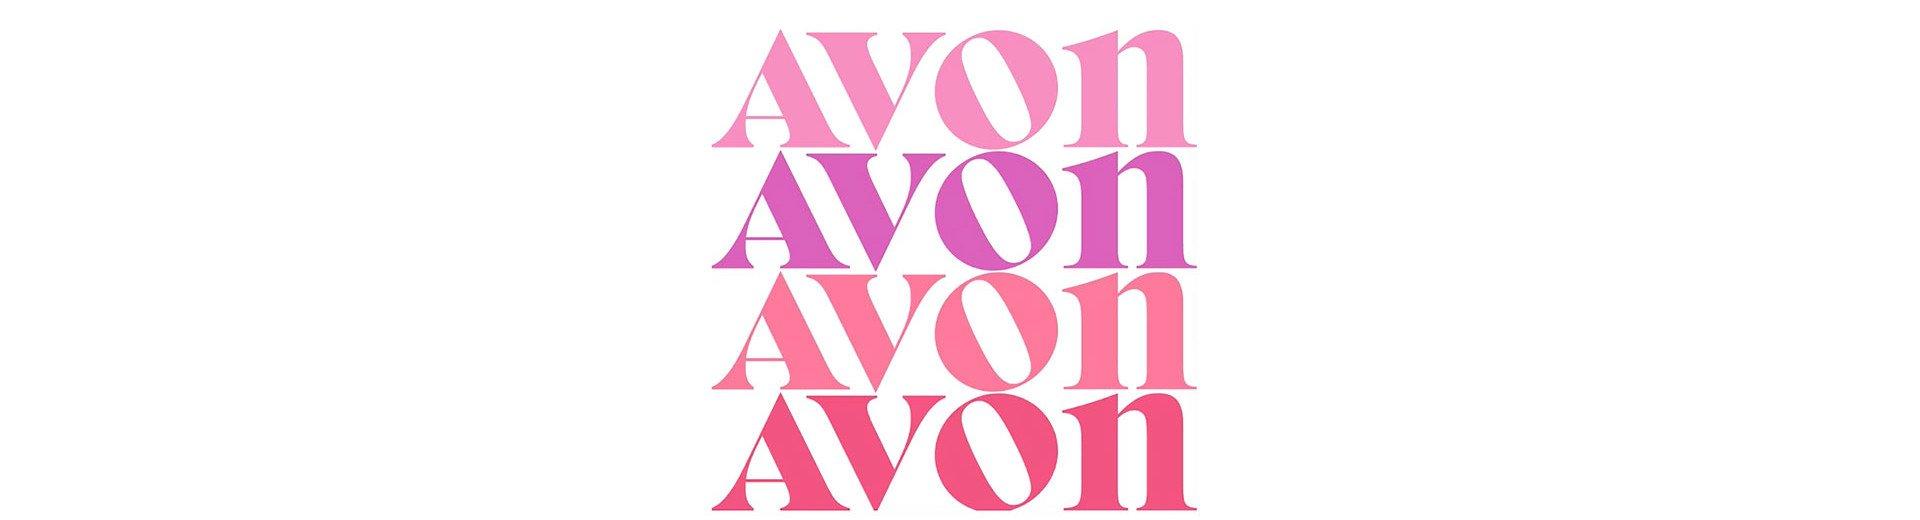 Okładka artykułu Nowe logo Avon — Powrót do szeryfów i lat 70-ych